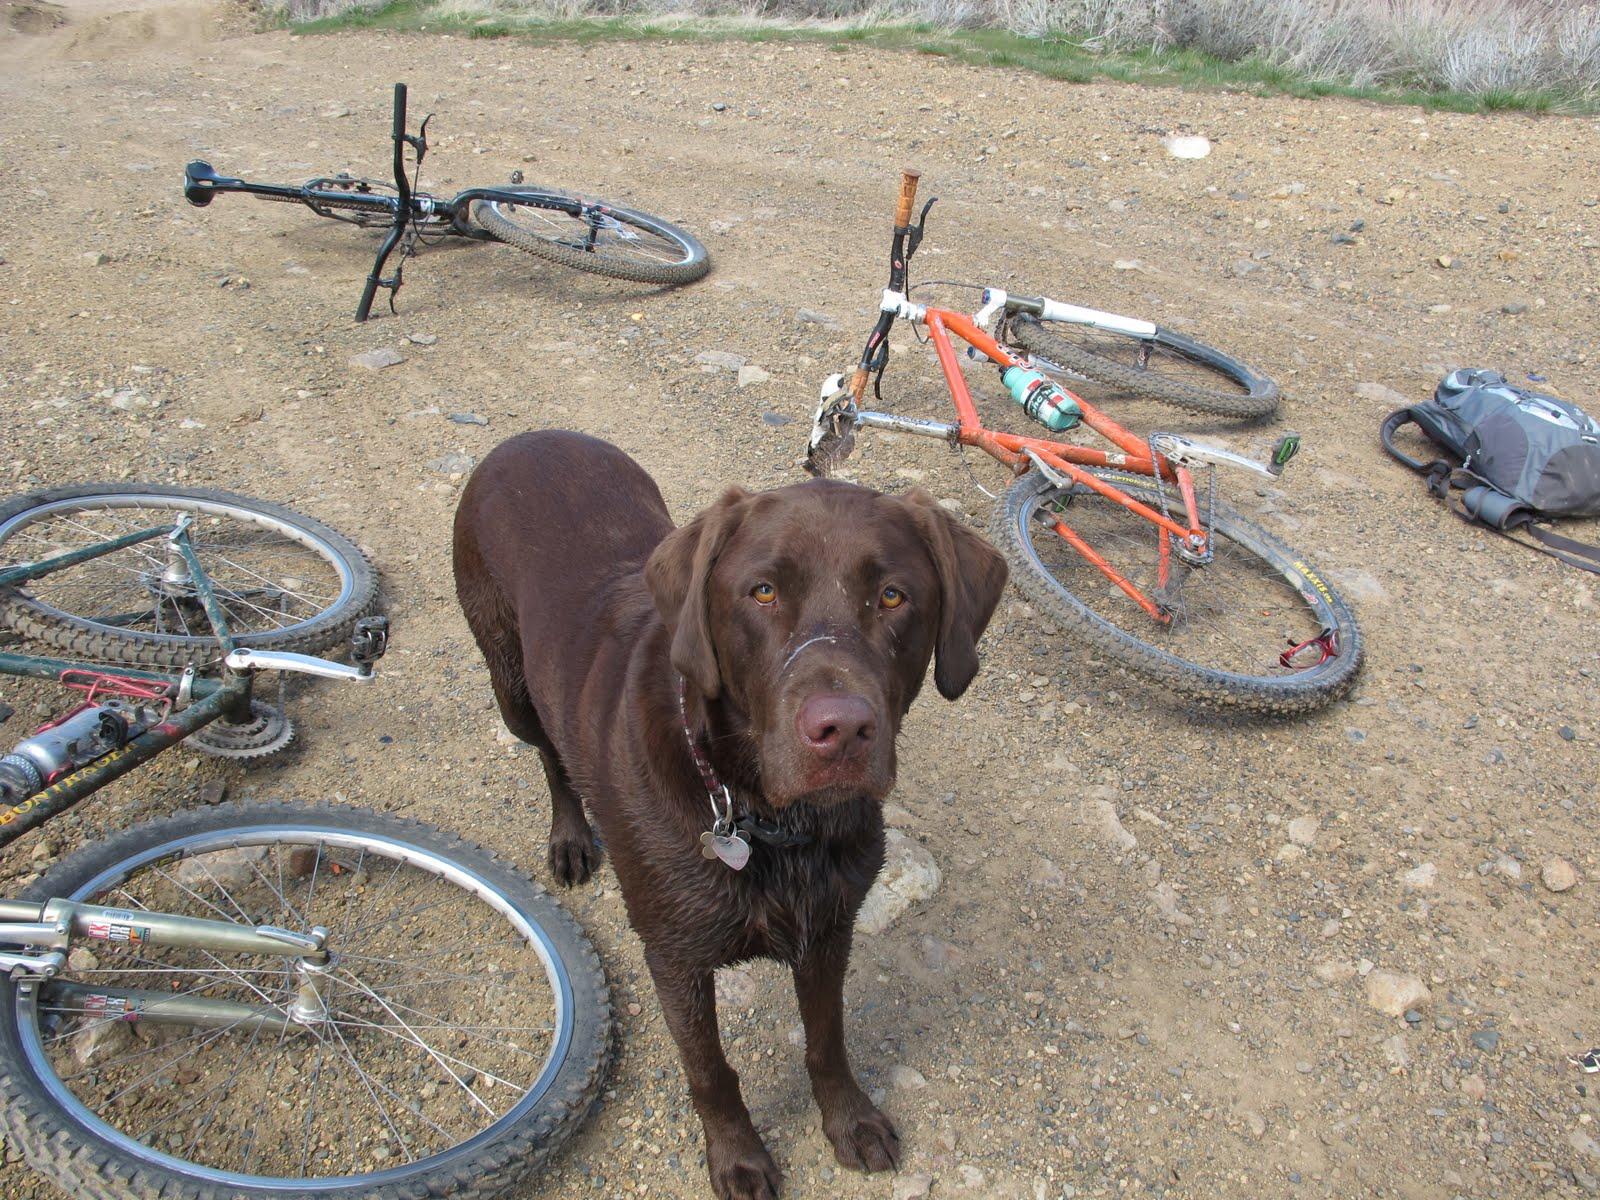 8 No bikes